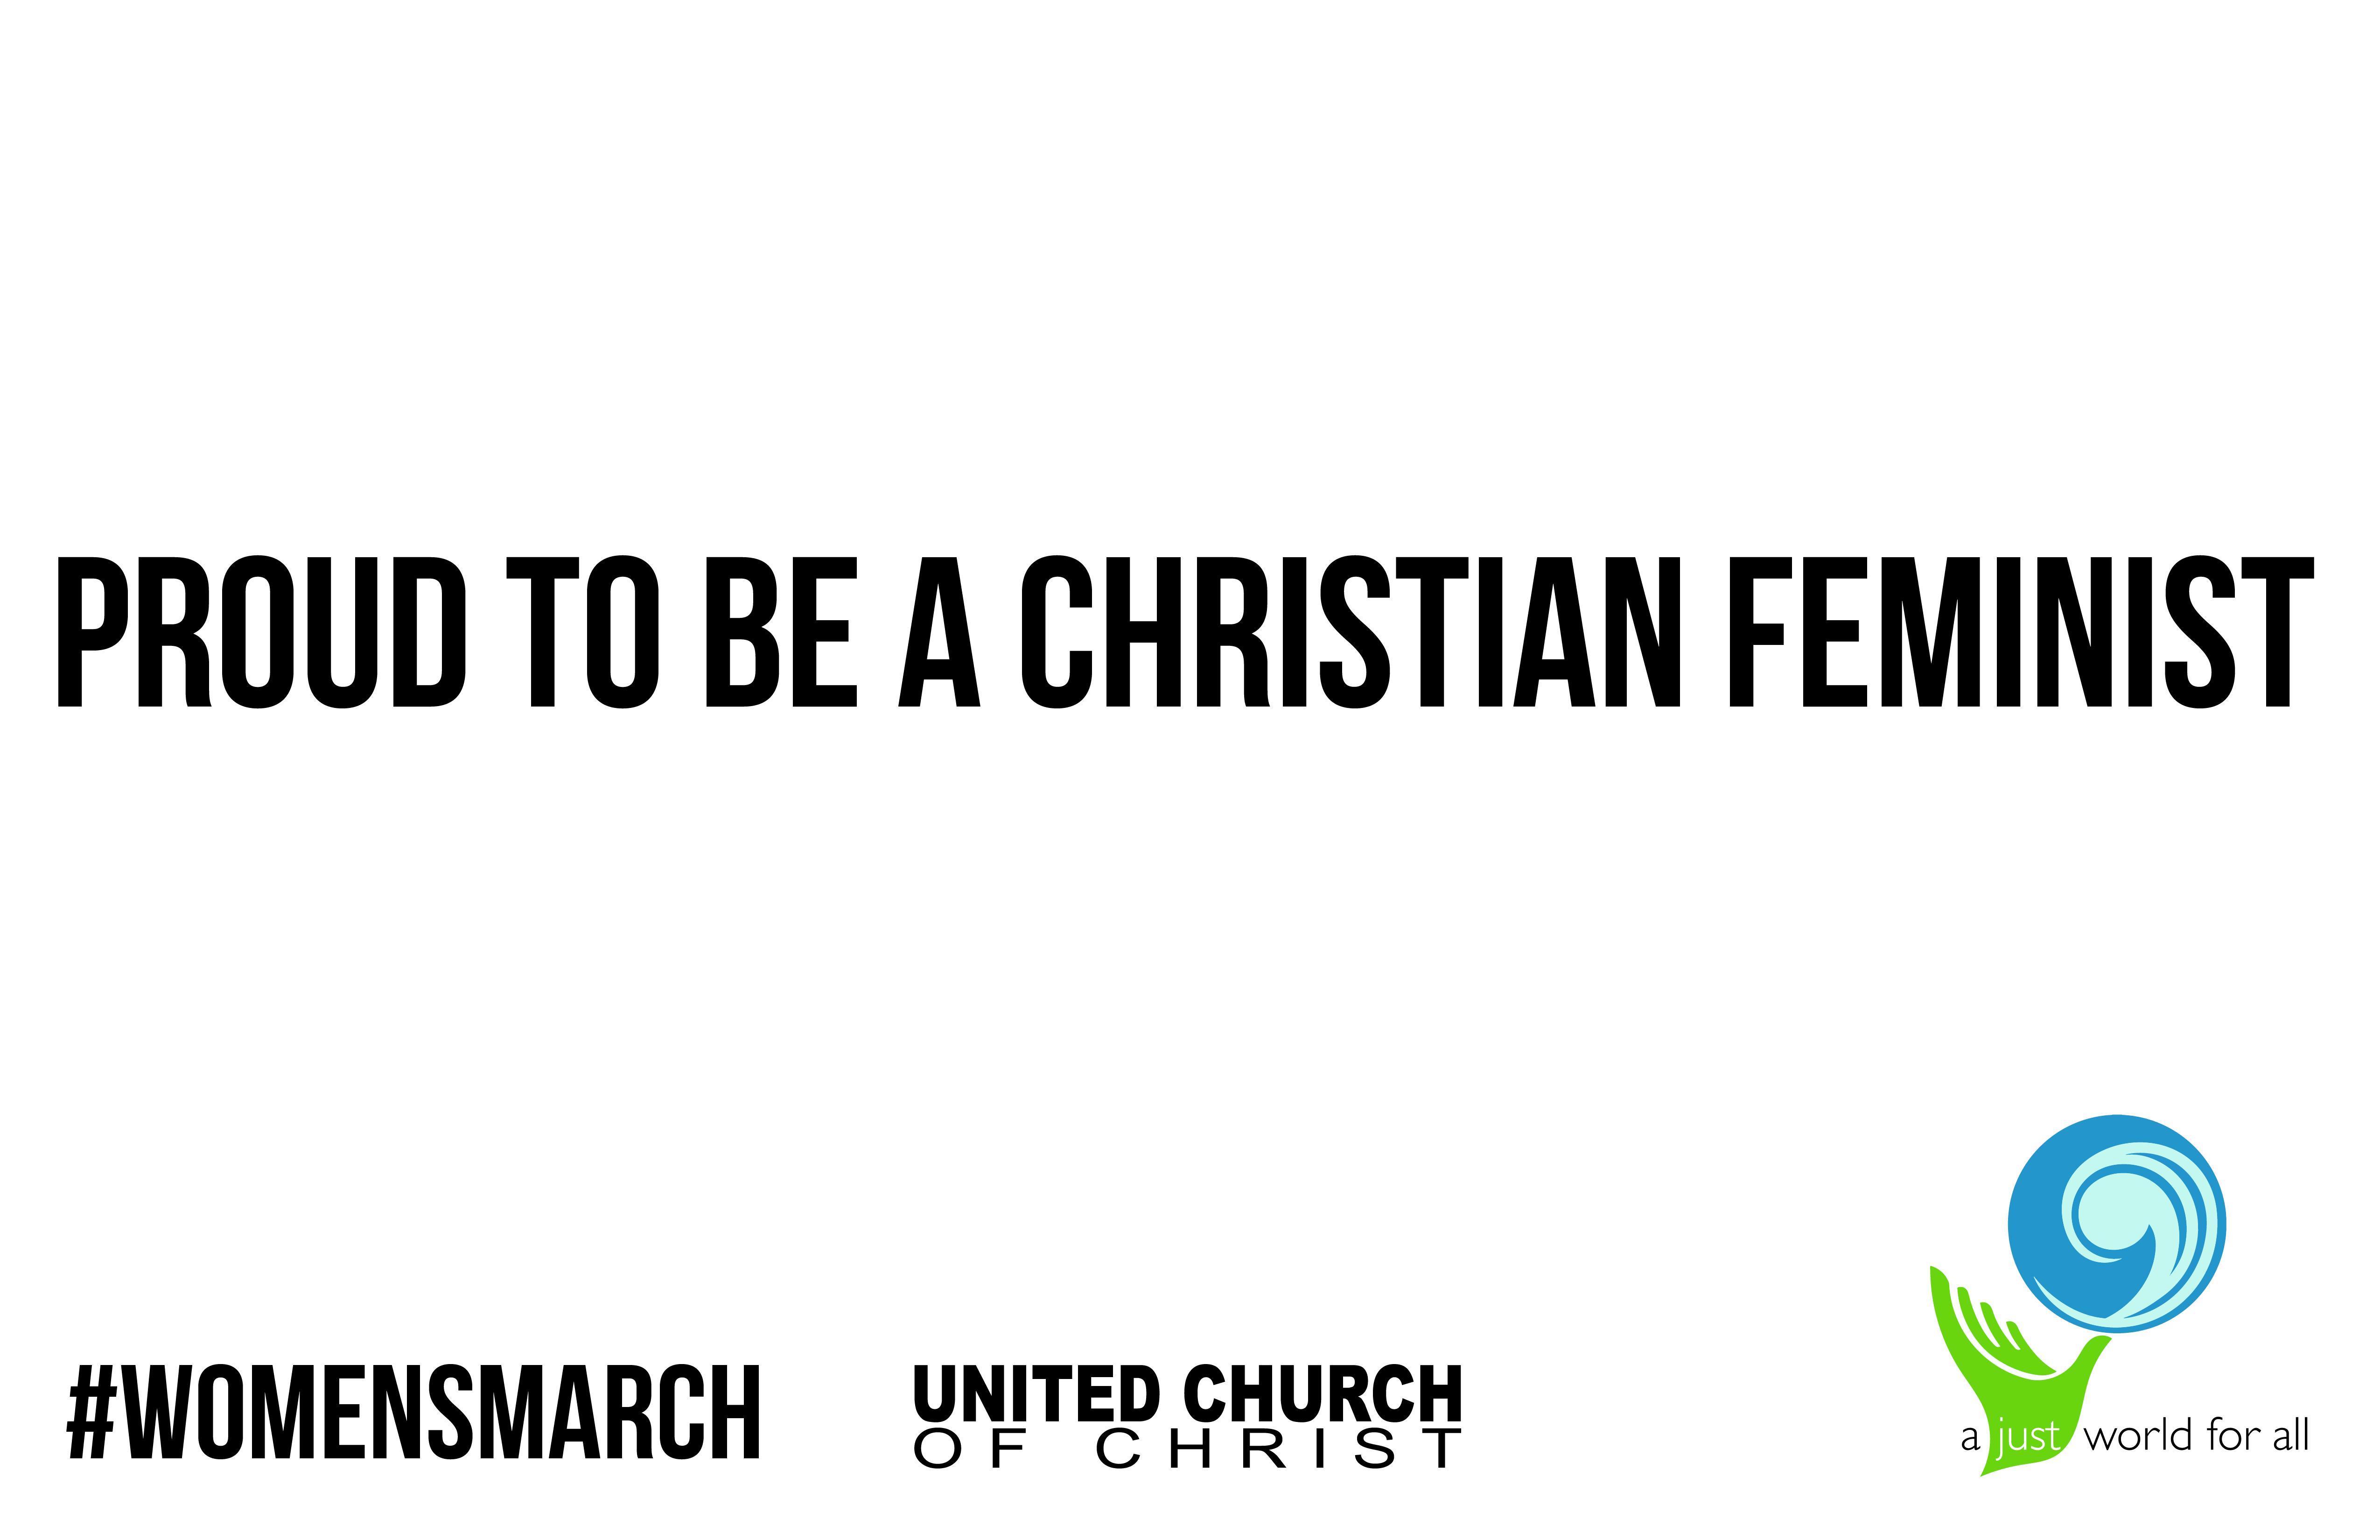 ChristianFeminist-sign.jpg